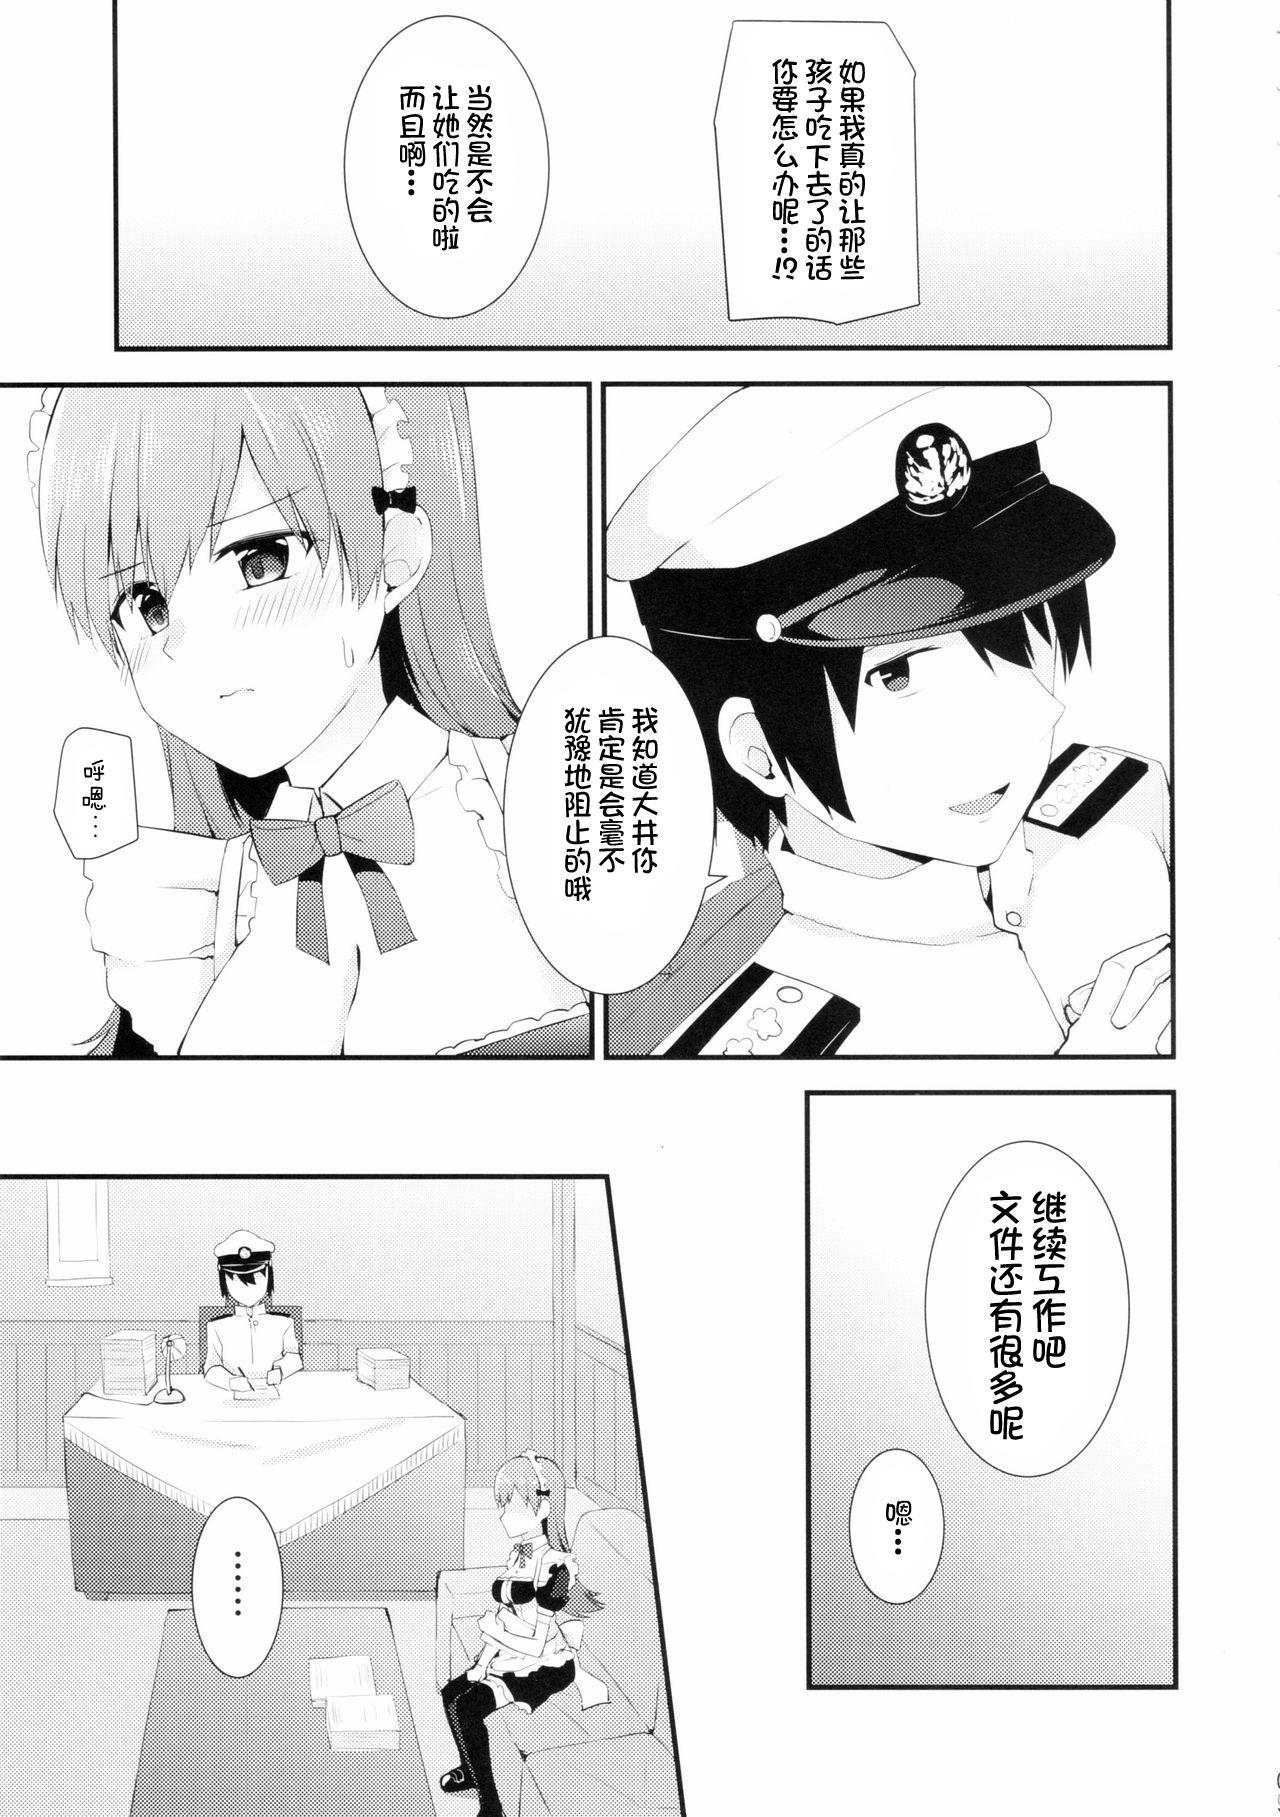 Ooi! Maid Fuku o Kite miyou! 10